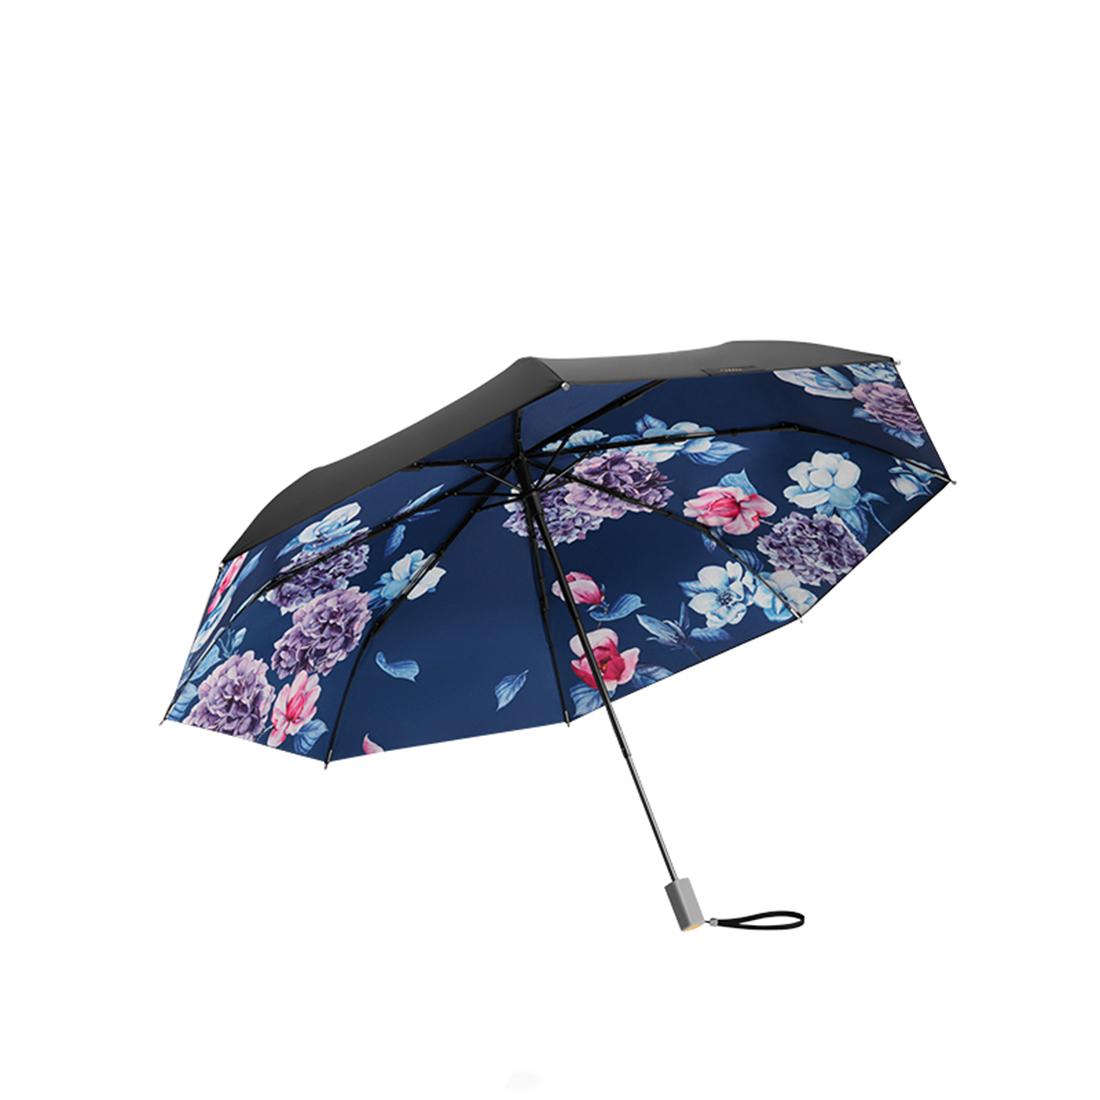 蕉下芳华双层小黑伞女防紫外线防晒遮阳太阳伞晴雨伞折叠